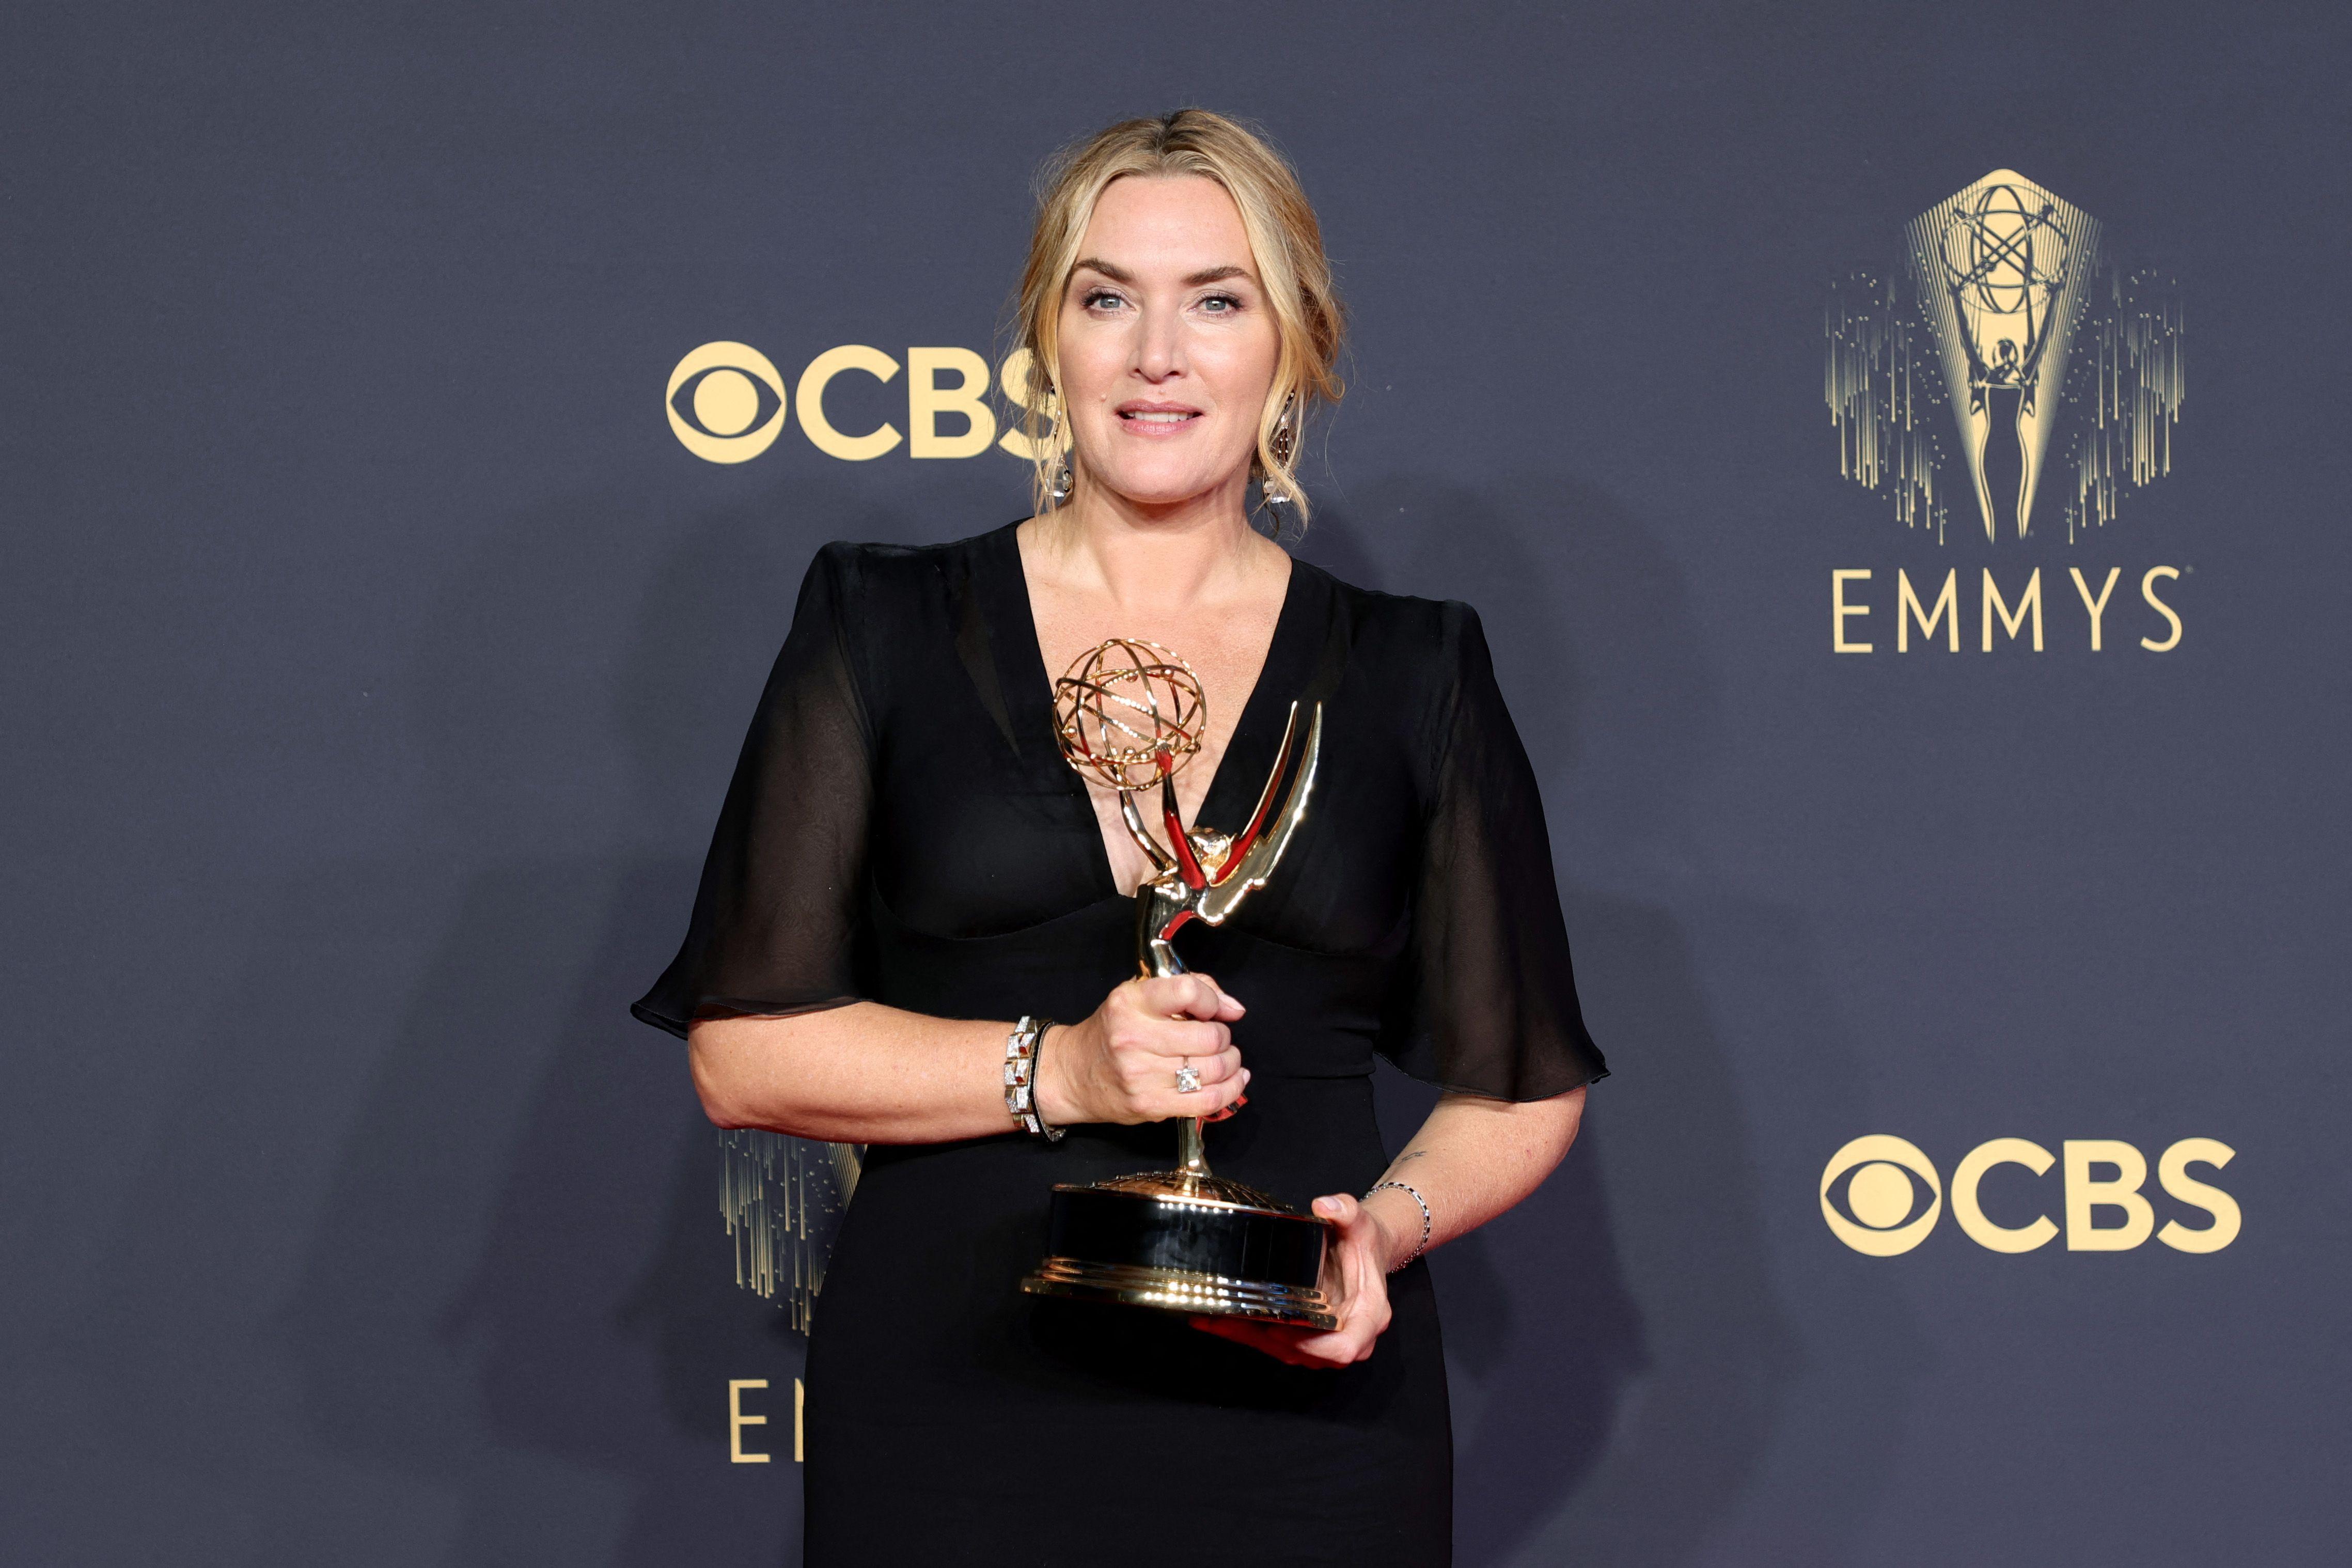 Kate Winslet, ganadora del premio a la mejor actriz principal en una serie limitada o de antología o película por Mare Of Easttown, posa en la sala de prensa durante la 73a Primetime Emmy Awards en L.A. LIVE el 19 de septiembre de 2021 en Los Ángeles, California.